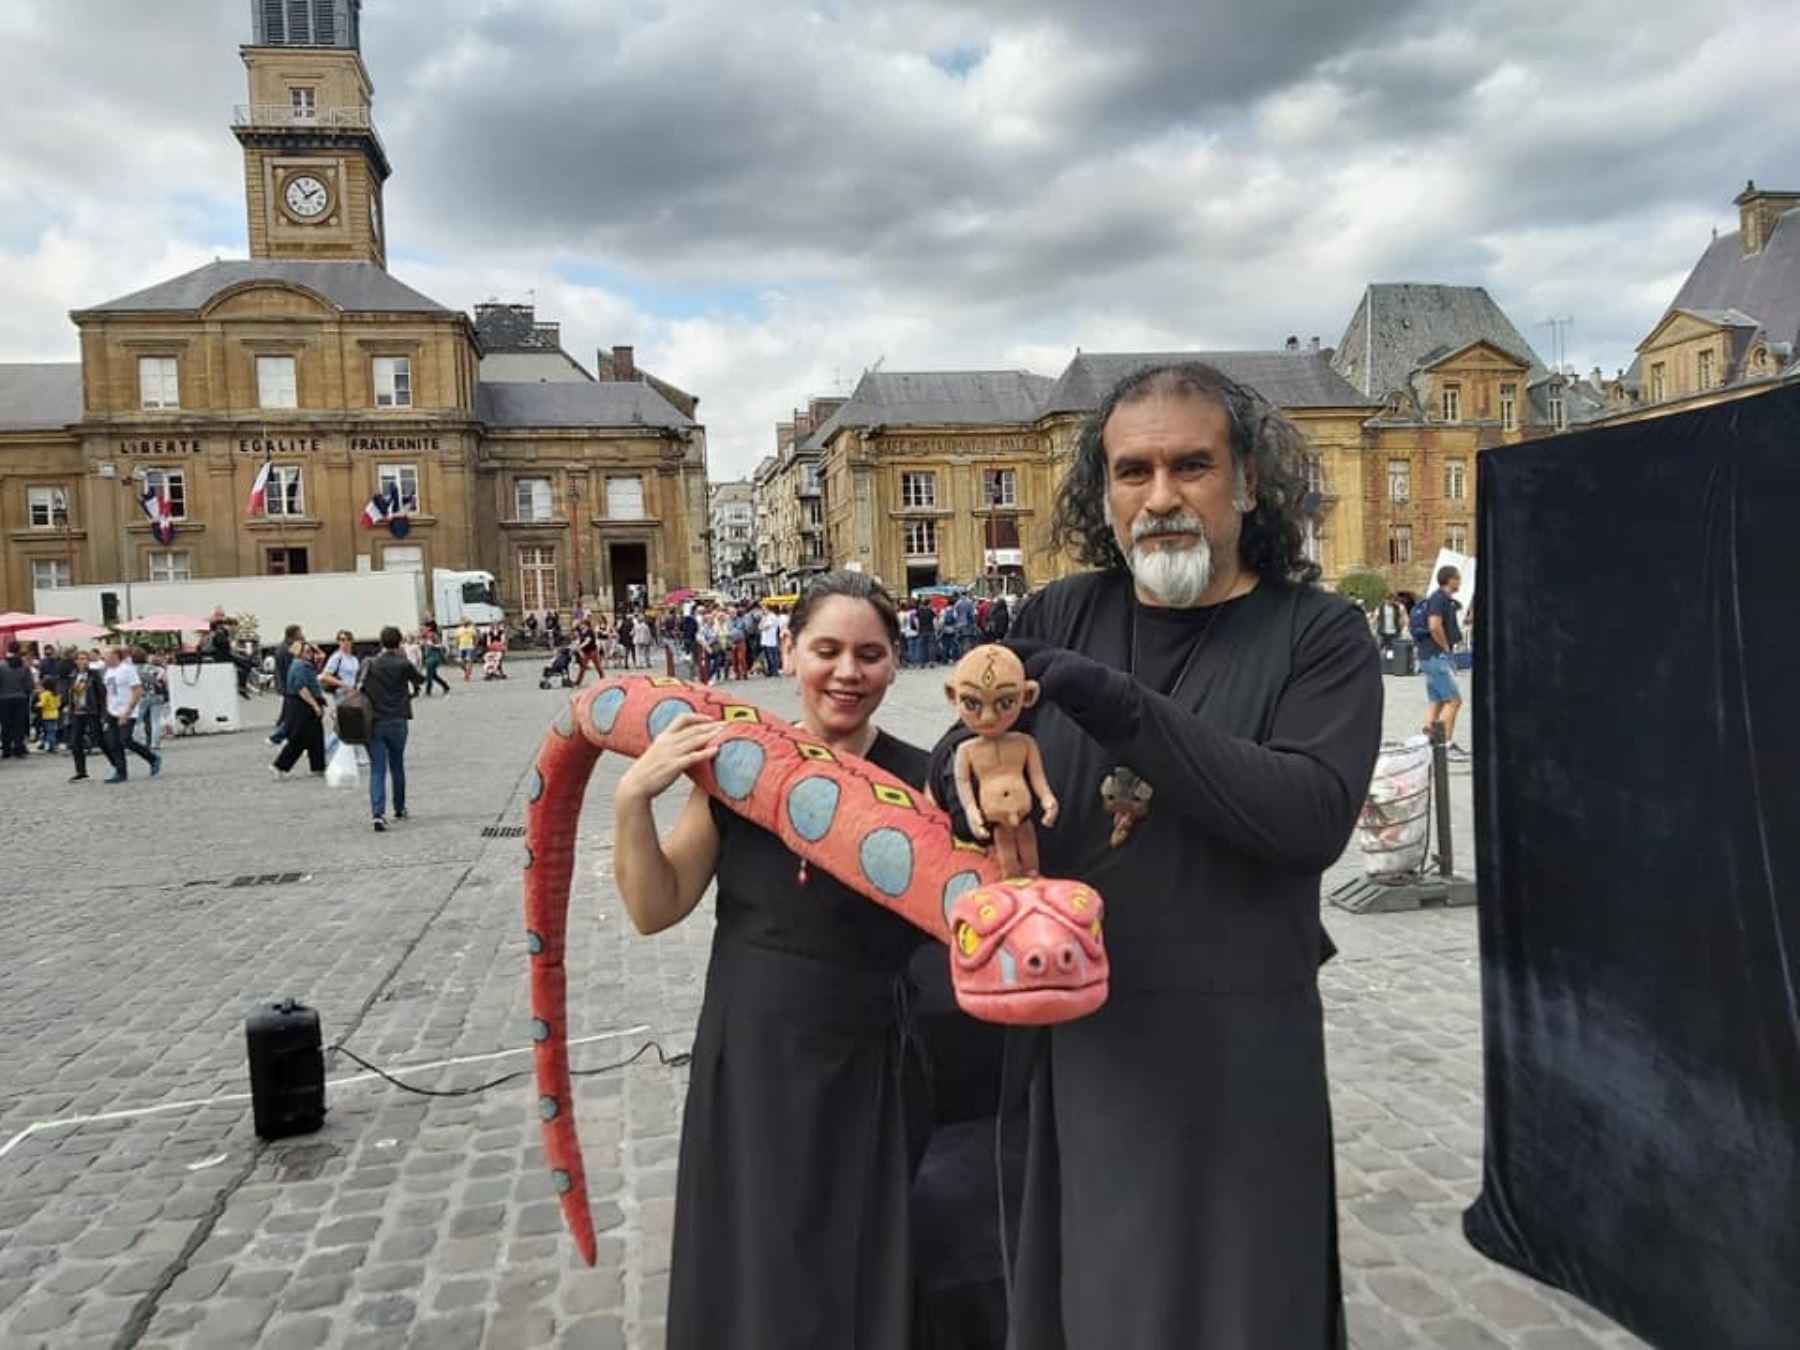 Asociación Tárbol mostrando su espectáculo de títeres en plazas de Francia.